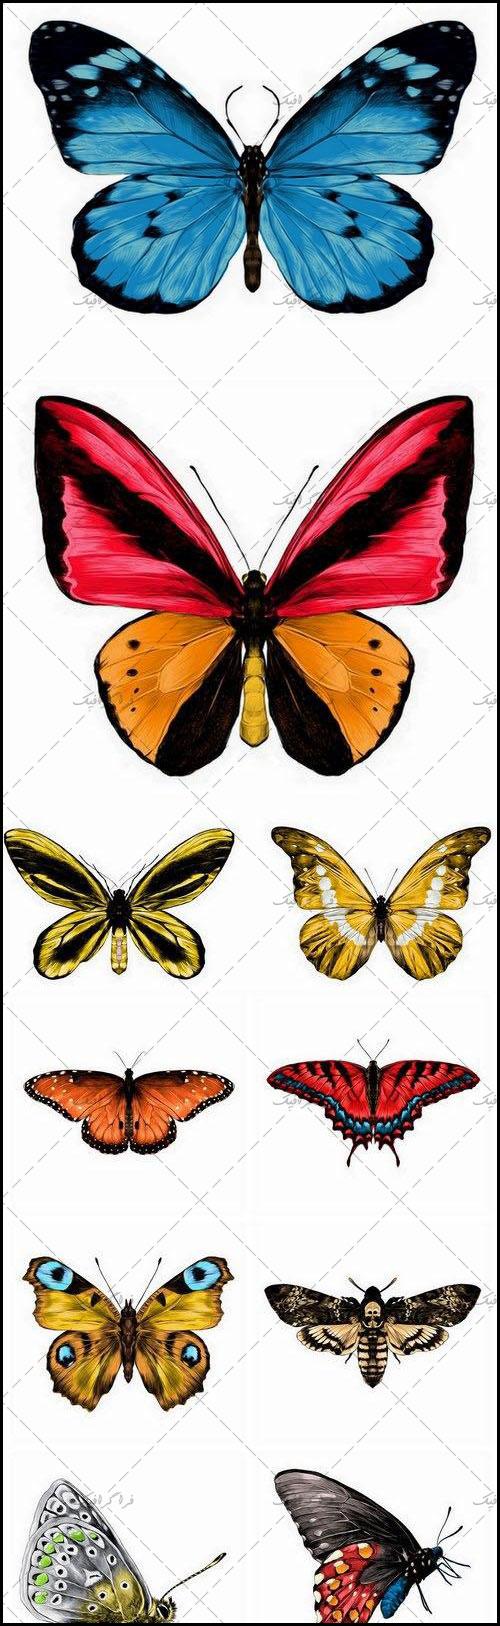 دانلود وکتور های پروانه طراحی واقعی - رایگان